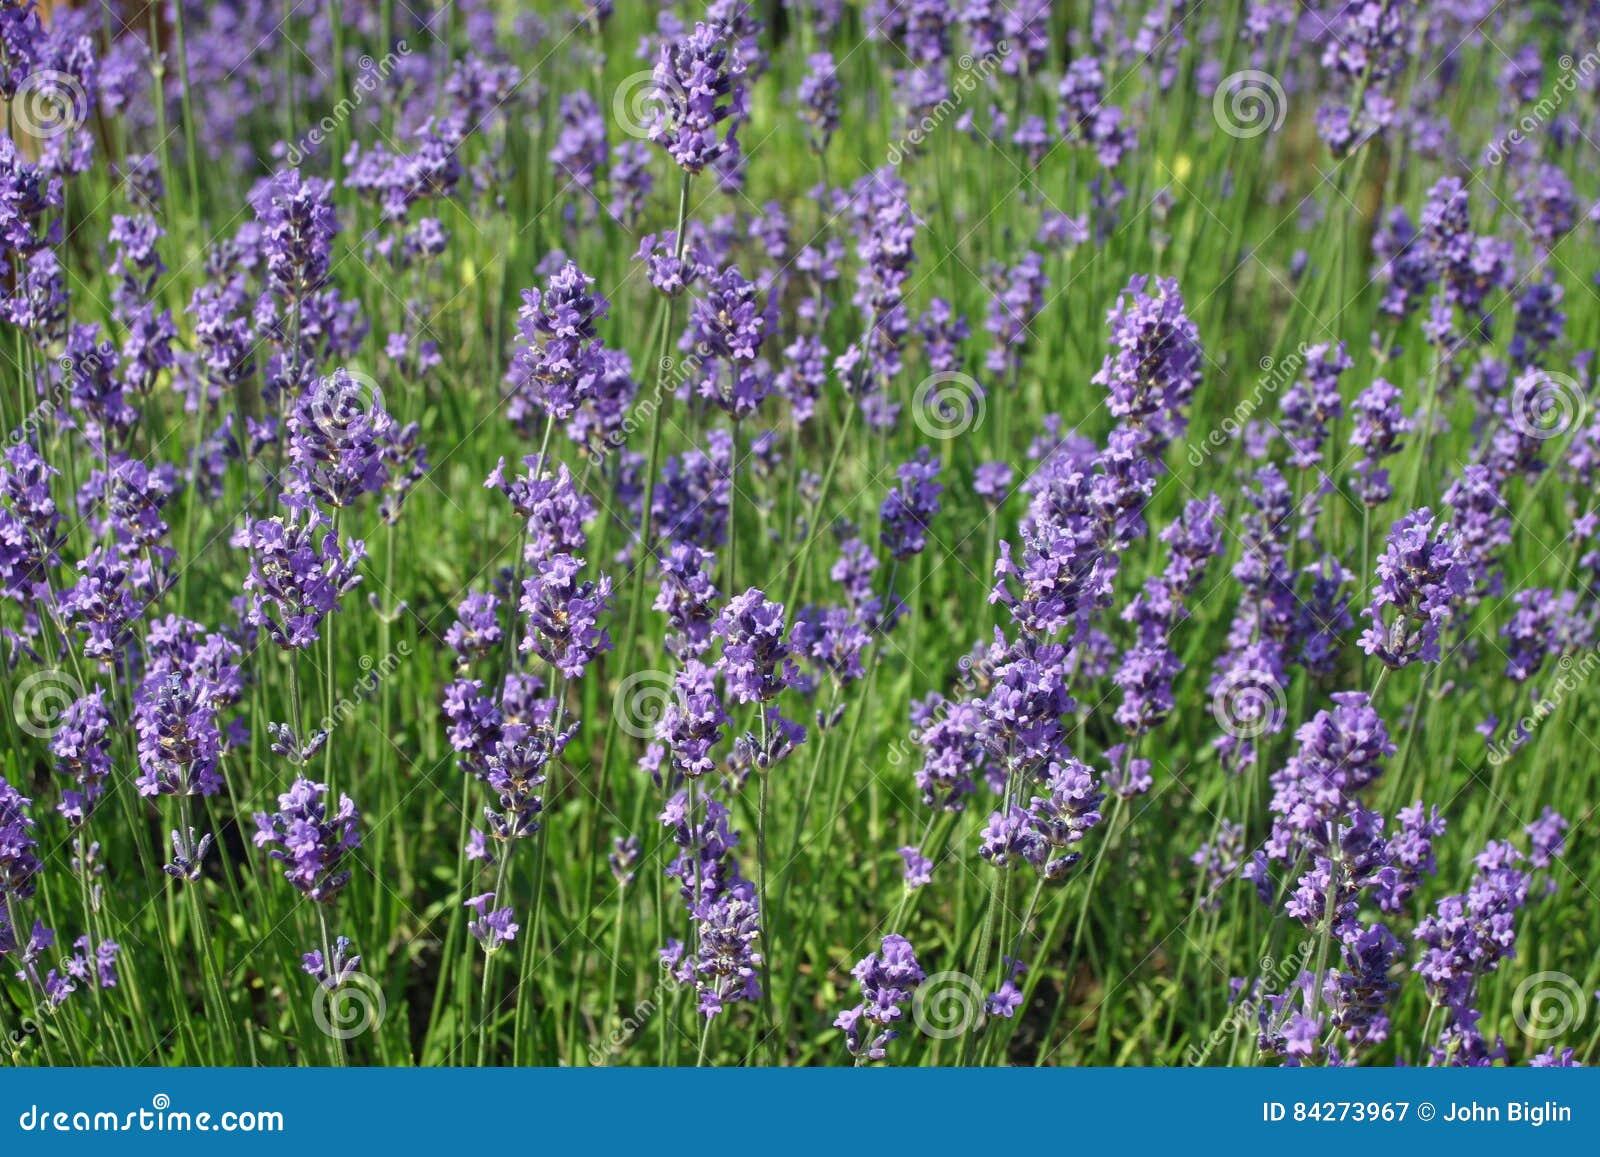 Fiori di angustifolia del lavandula della lavanda immagine for Fiori di lavanda